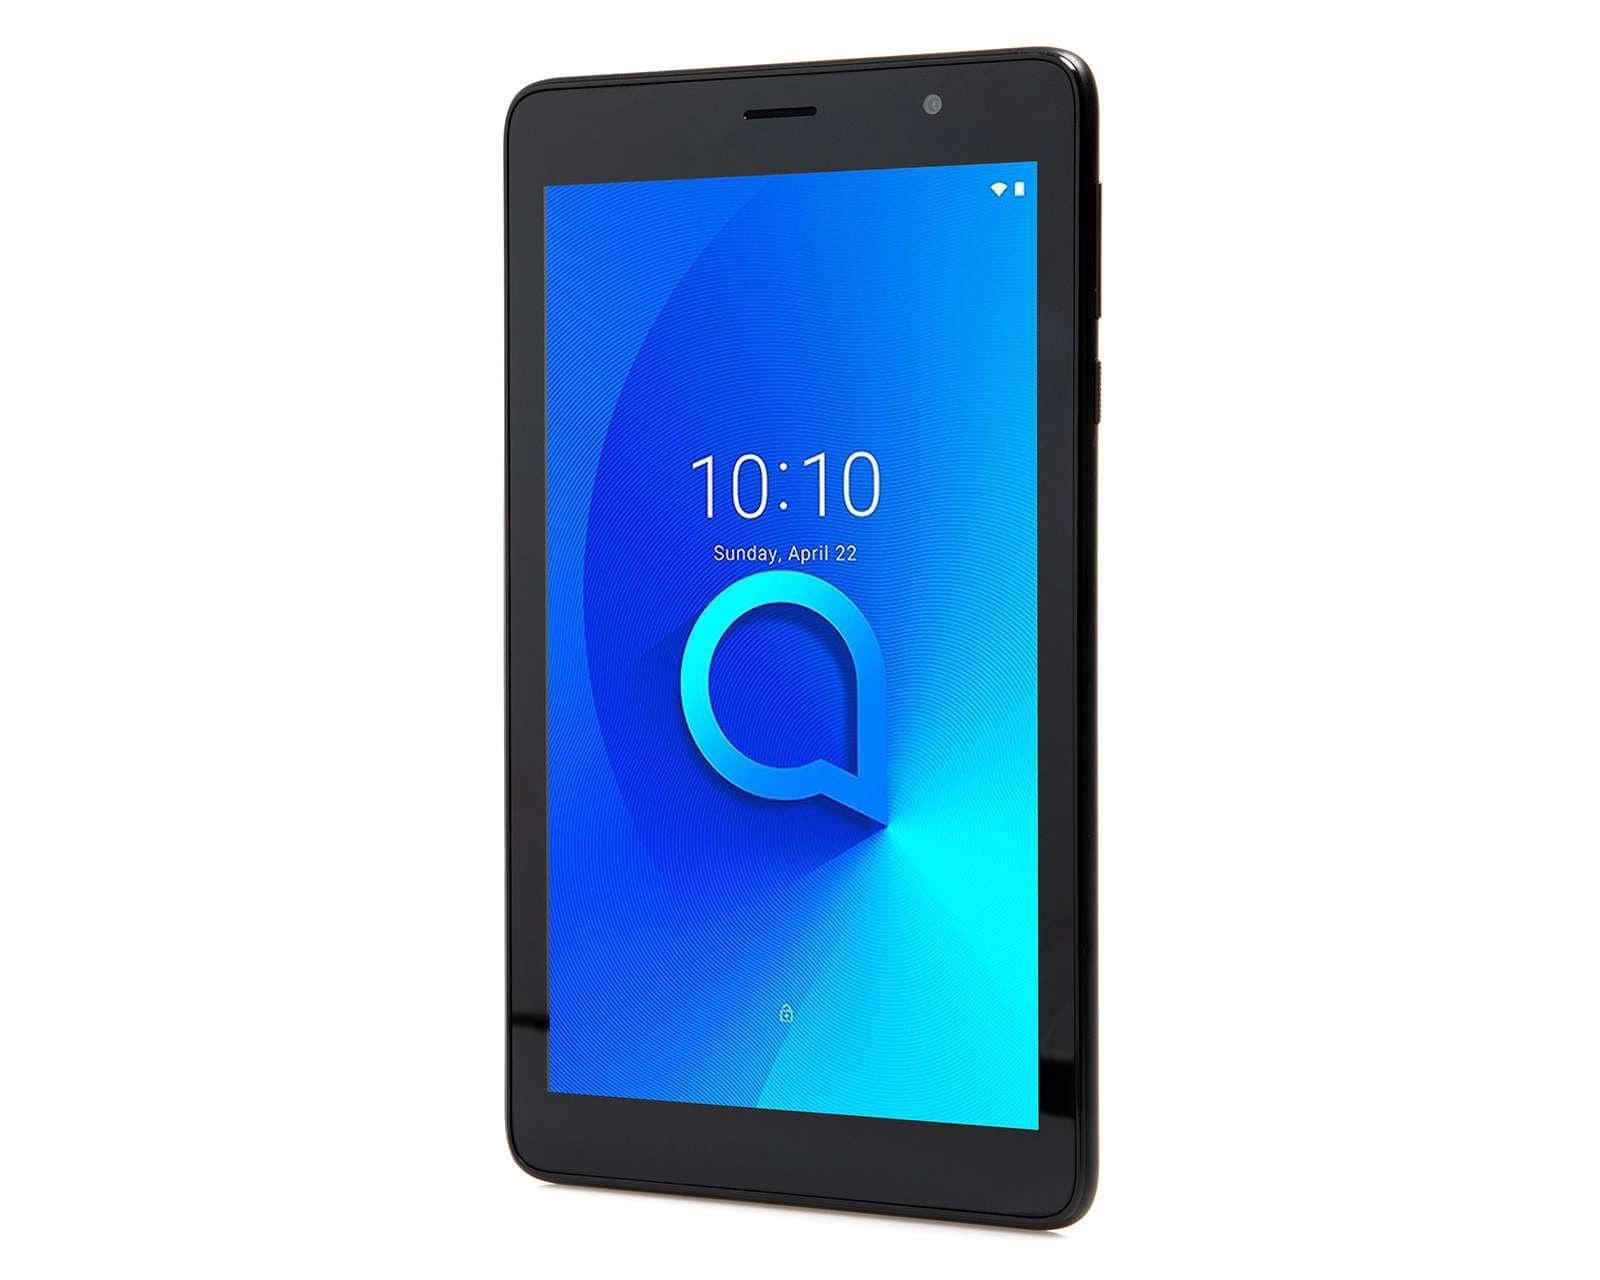 Foto 3|Tablet Alcatel 9013T 7'' 16 GB Wi-Fi Android 1 GB Negra